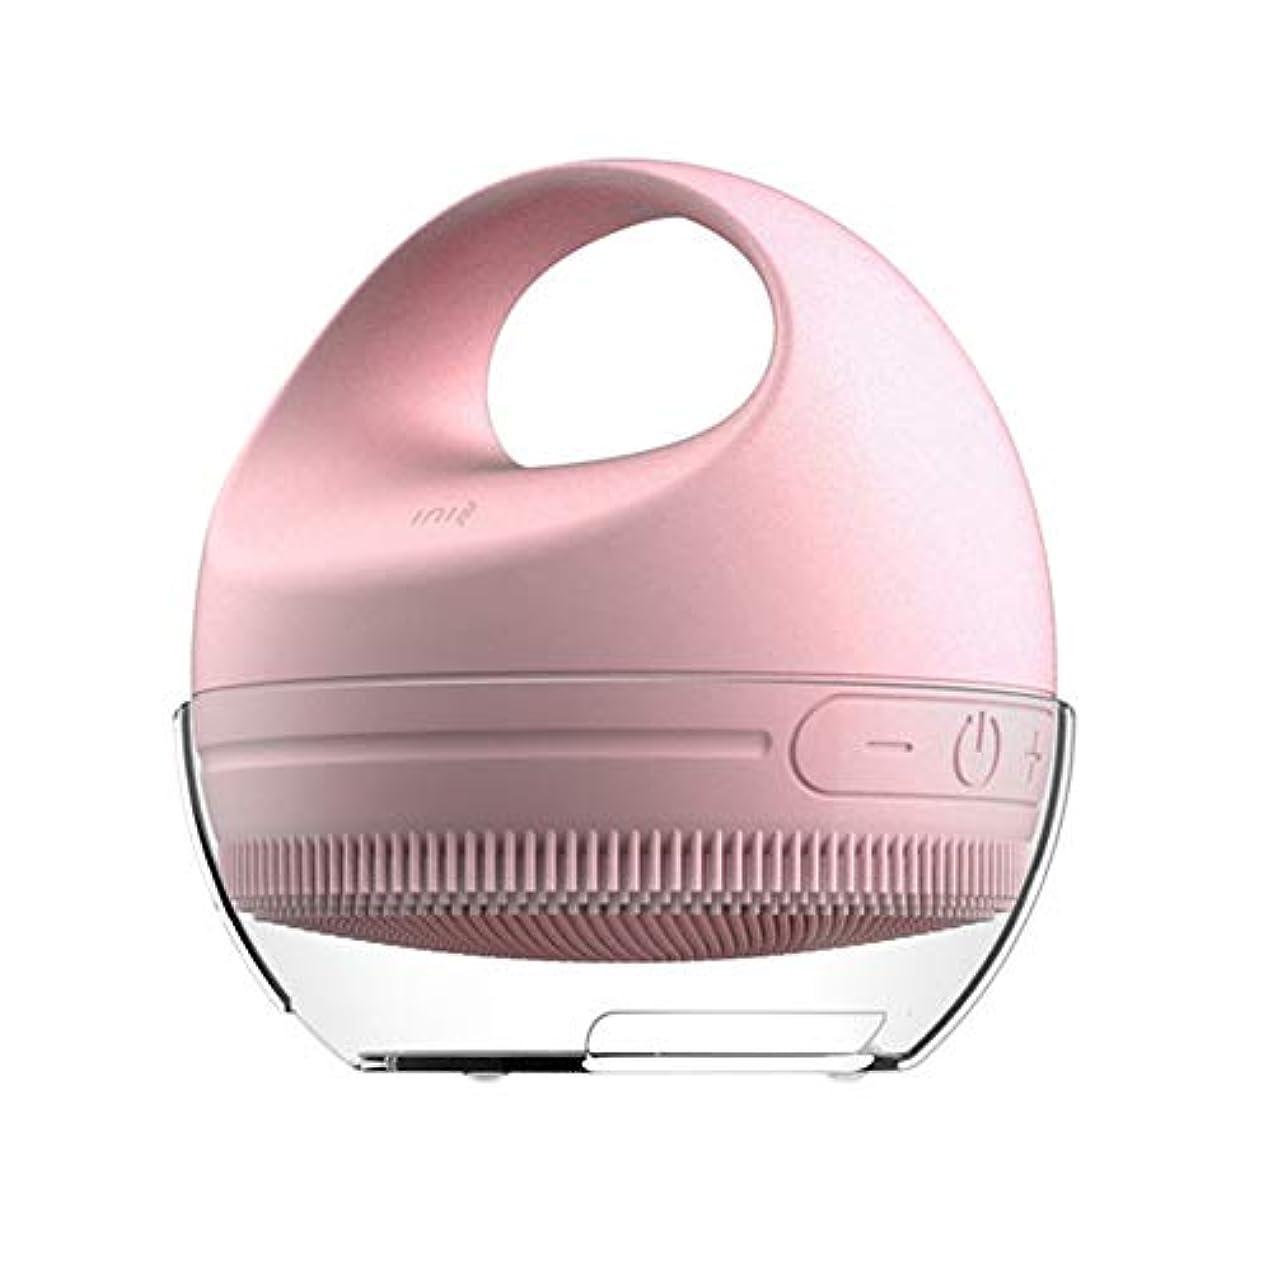 静める見つけたビルマ電気暖かい/振動シリコーンフェイスクレンザーとマッサージブラシをアップグレードしてください自己乾燥技術を使って、滑り止めのハンドル、インテリジェントなタイミング、防水IPX6、1200 mAhバッテリ,Pink